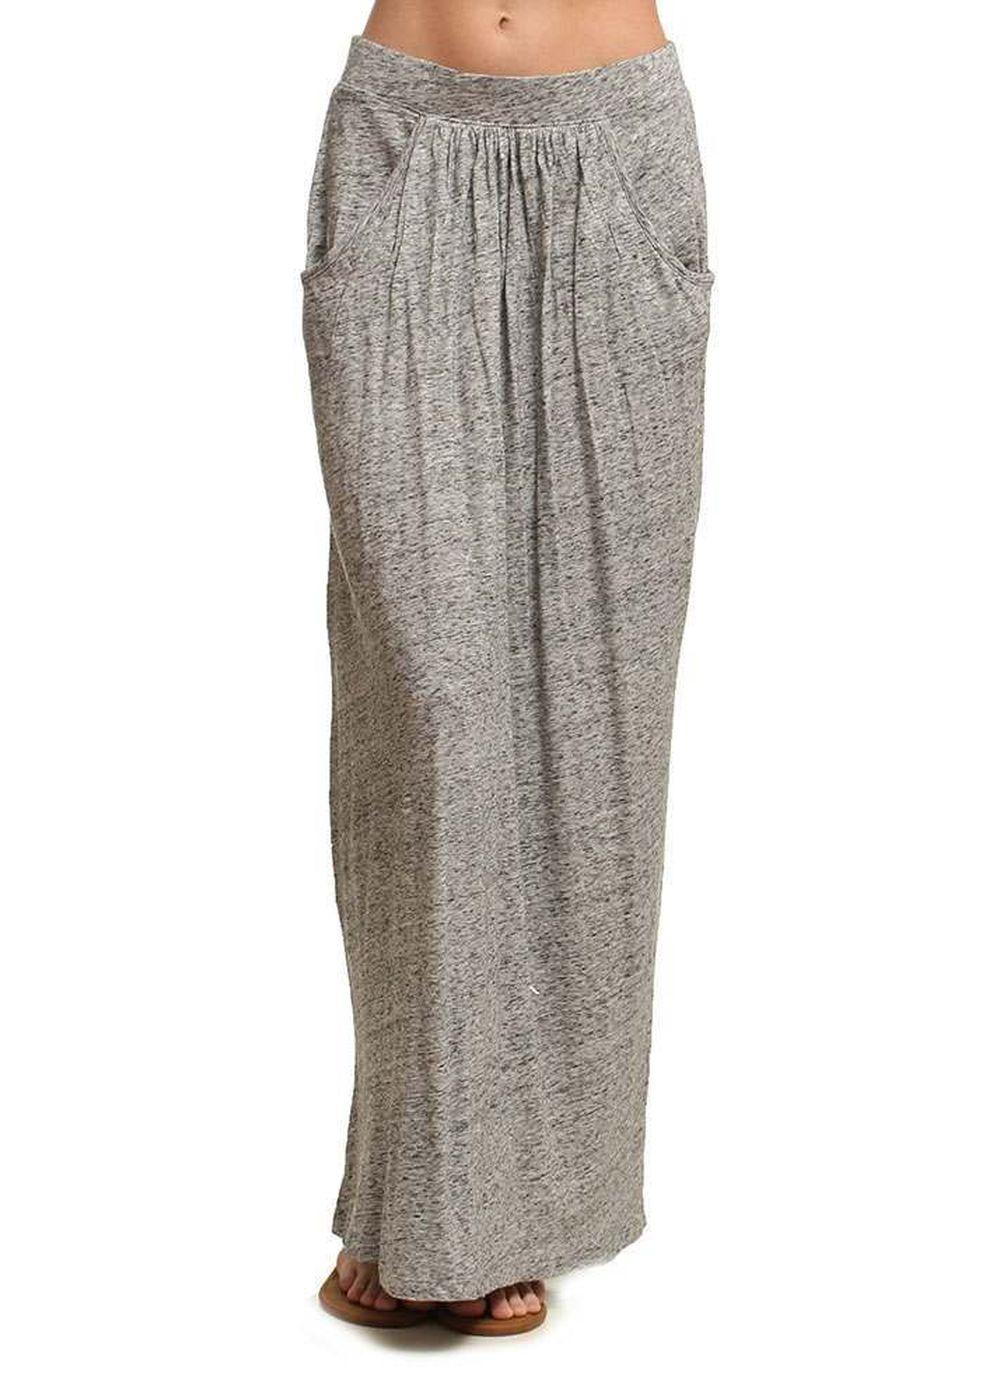 Roxy Last Line Maxi Skirt Heritage Heather